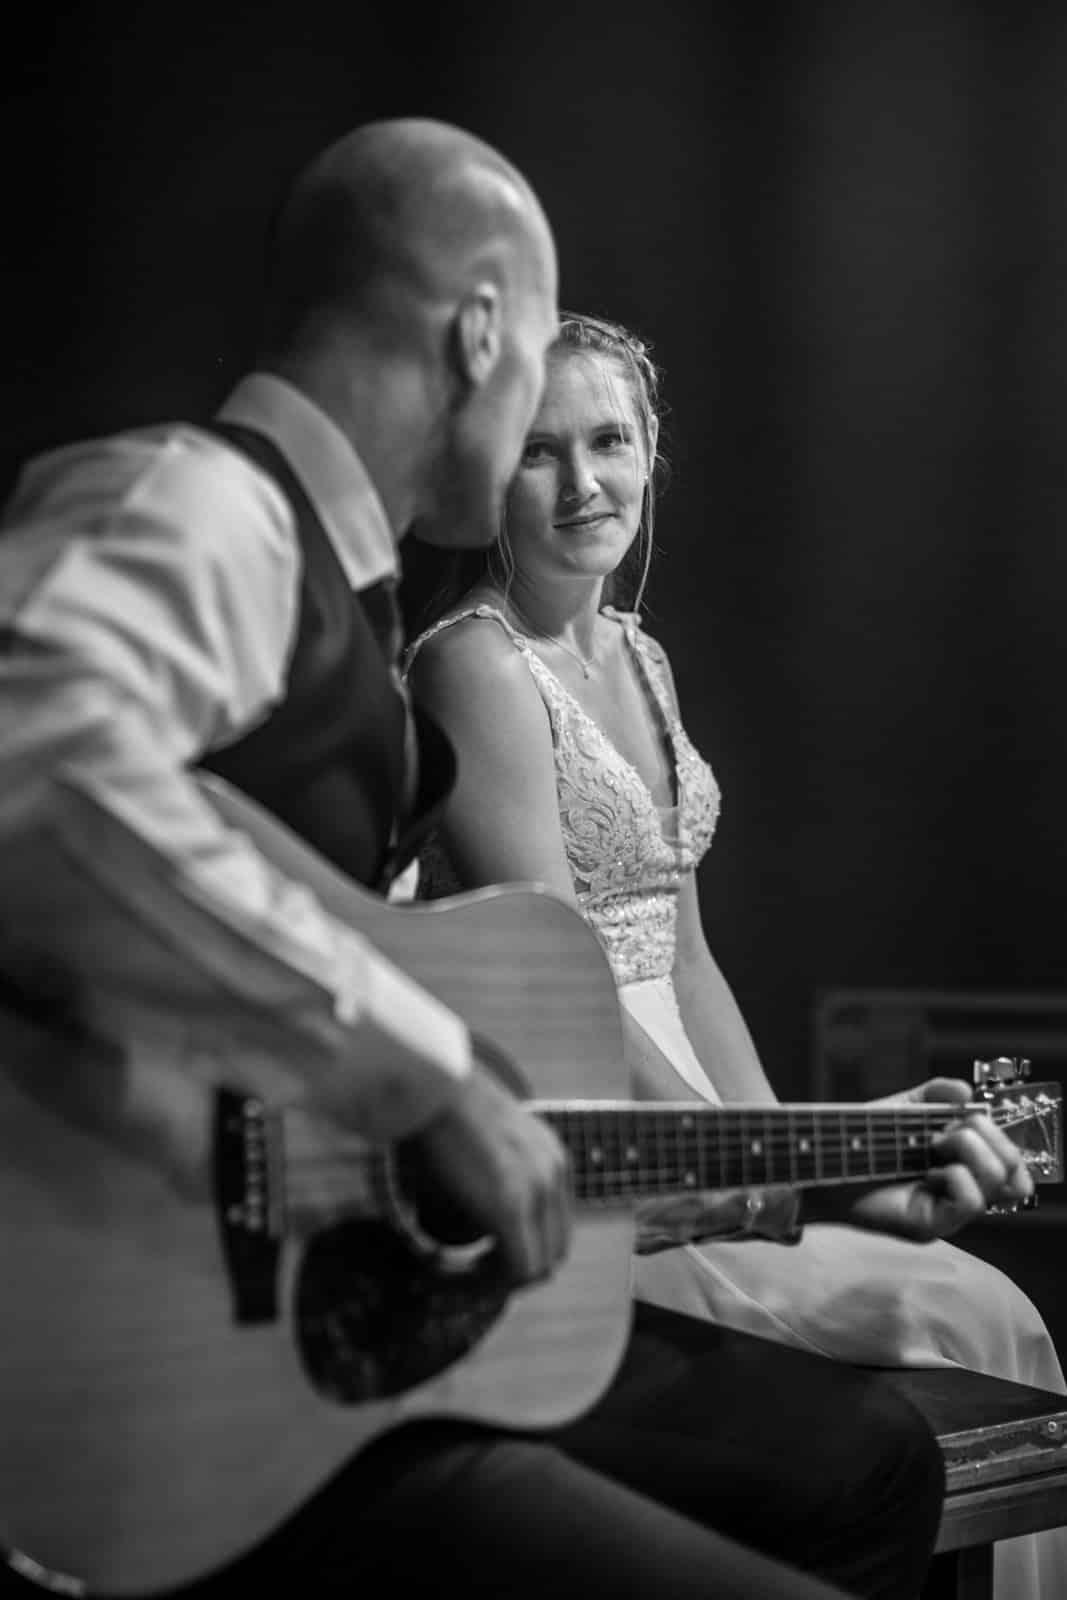 Braut schaut ihren Mann an der auf einer Gitarre auf einer Bühne zu ihr spielt.